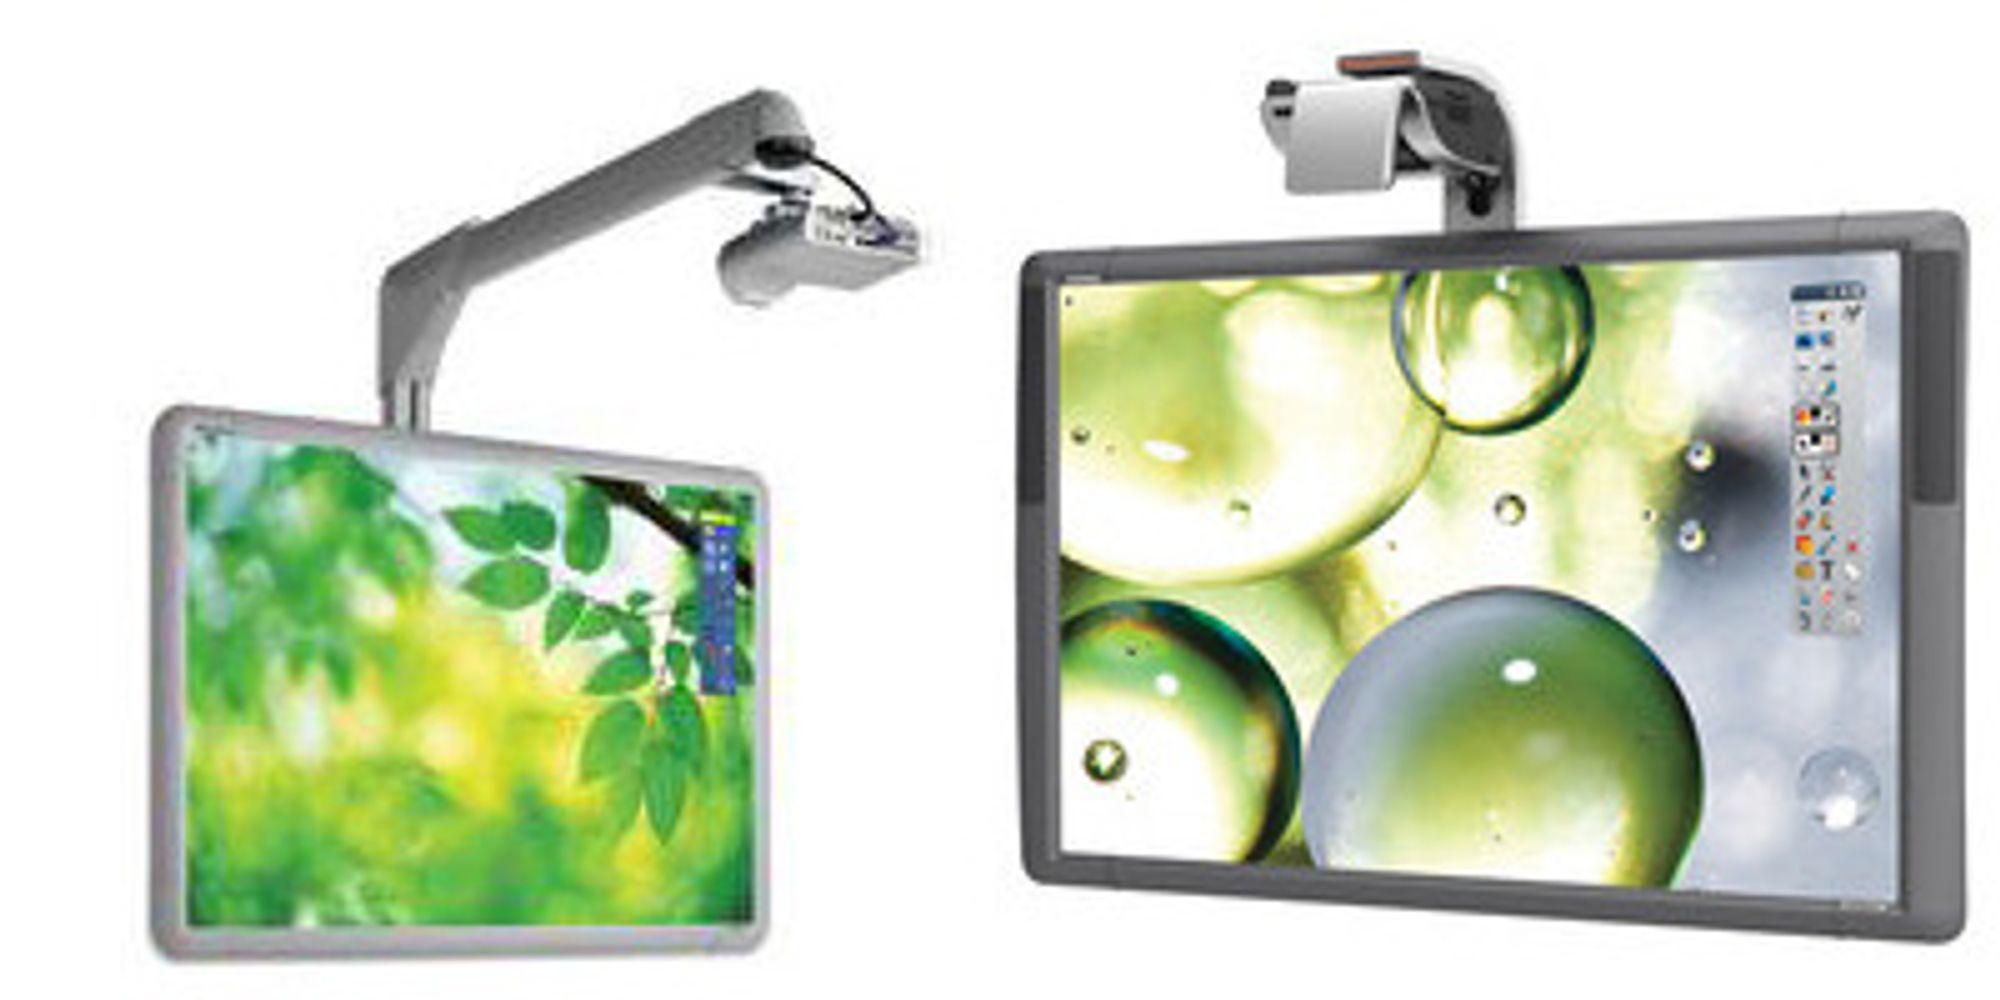 Prometheans interaktive tavler krever projektor. Bildene viser utviklingen fra ActivBoard 100 til venstre) til den nye ActivBoard 500.